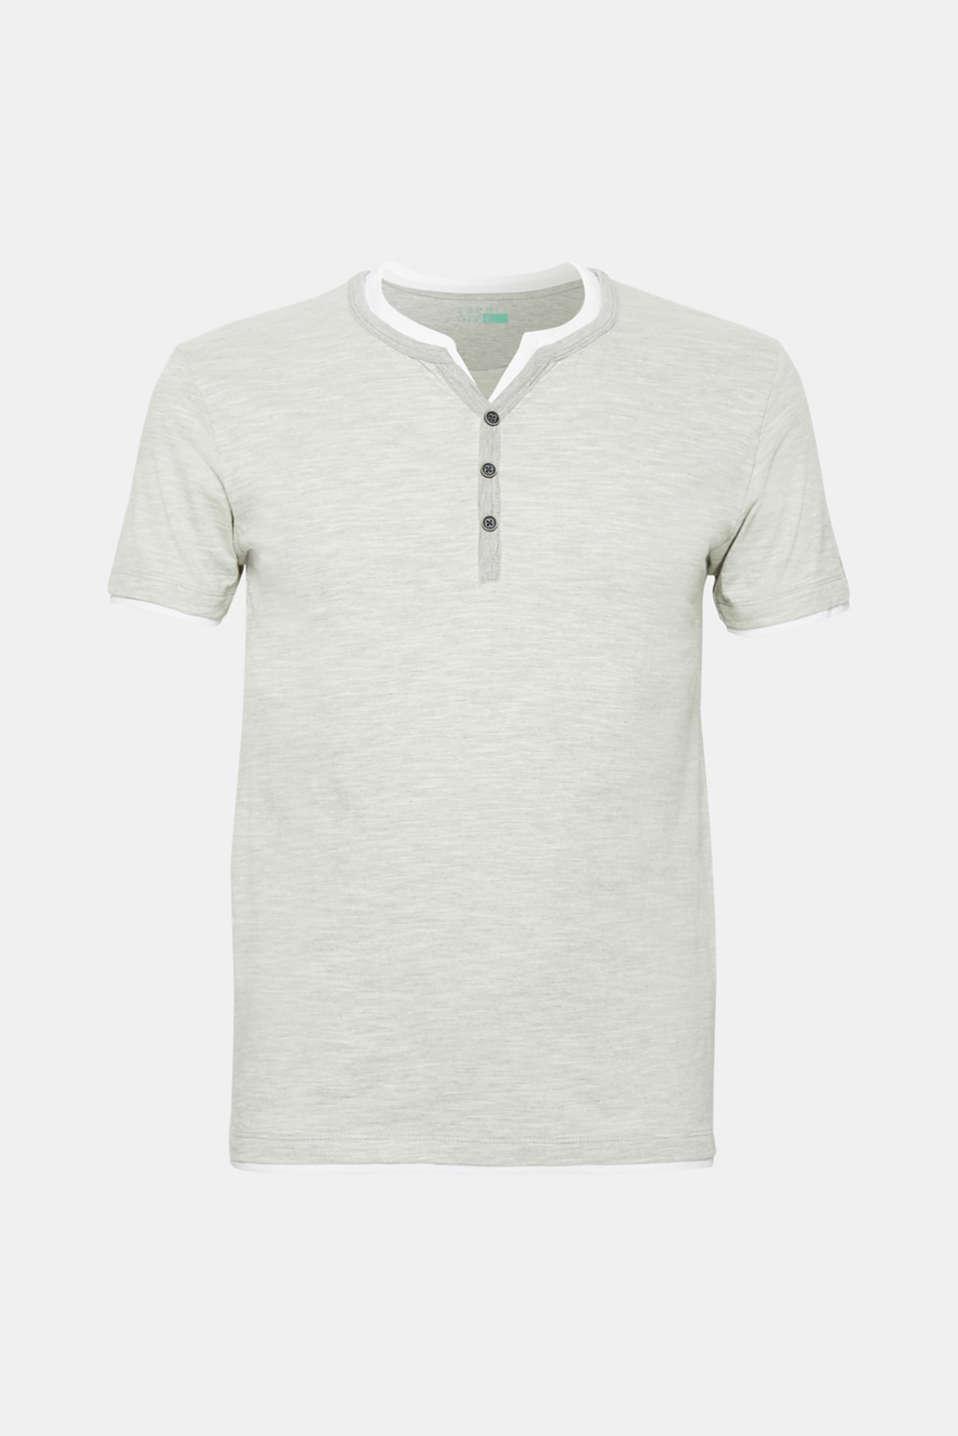 Layered slub jersey T-shirt, MEDIUM GREY, detail image number 6